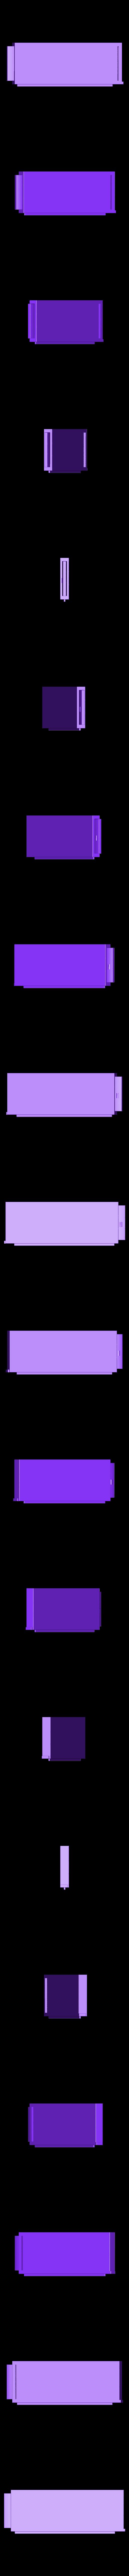 barriere_courte.stl Télécharger fichier STL gratuit playmobil cirque barrières orchestre • Design imprimable en 3D, jemlabricole